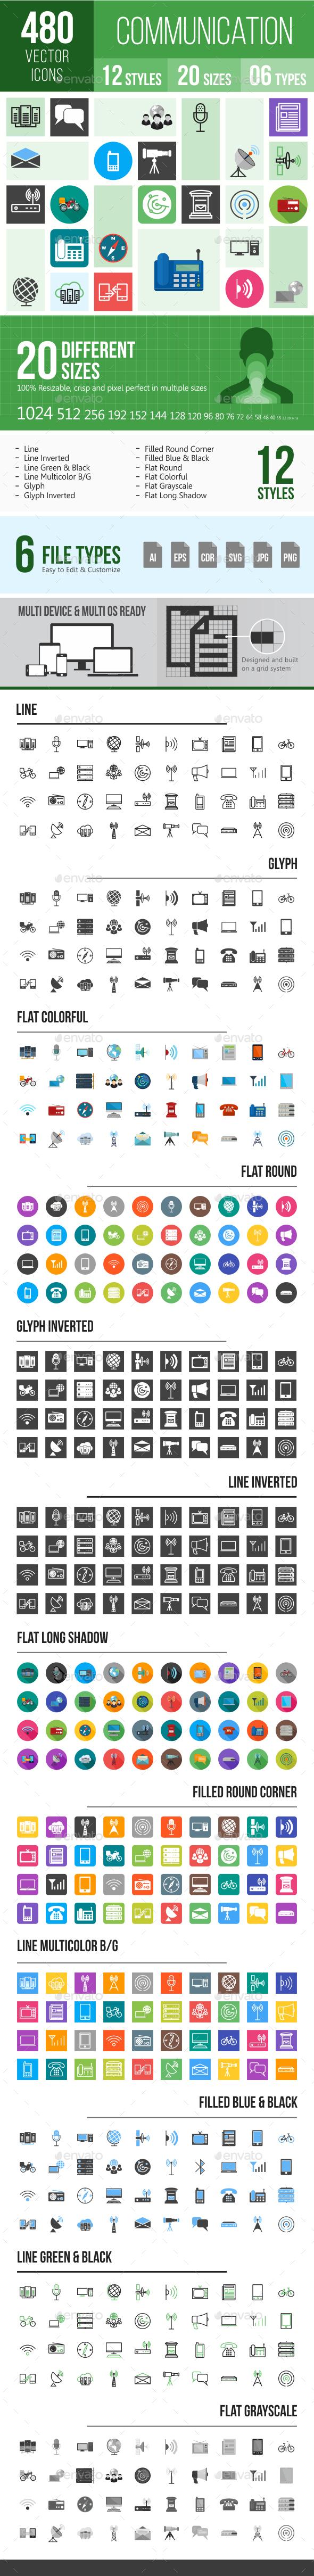 480 Communication Icons - Icons